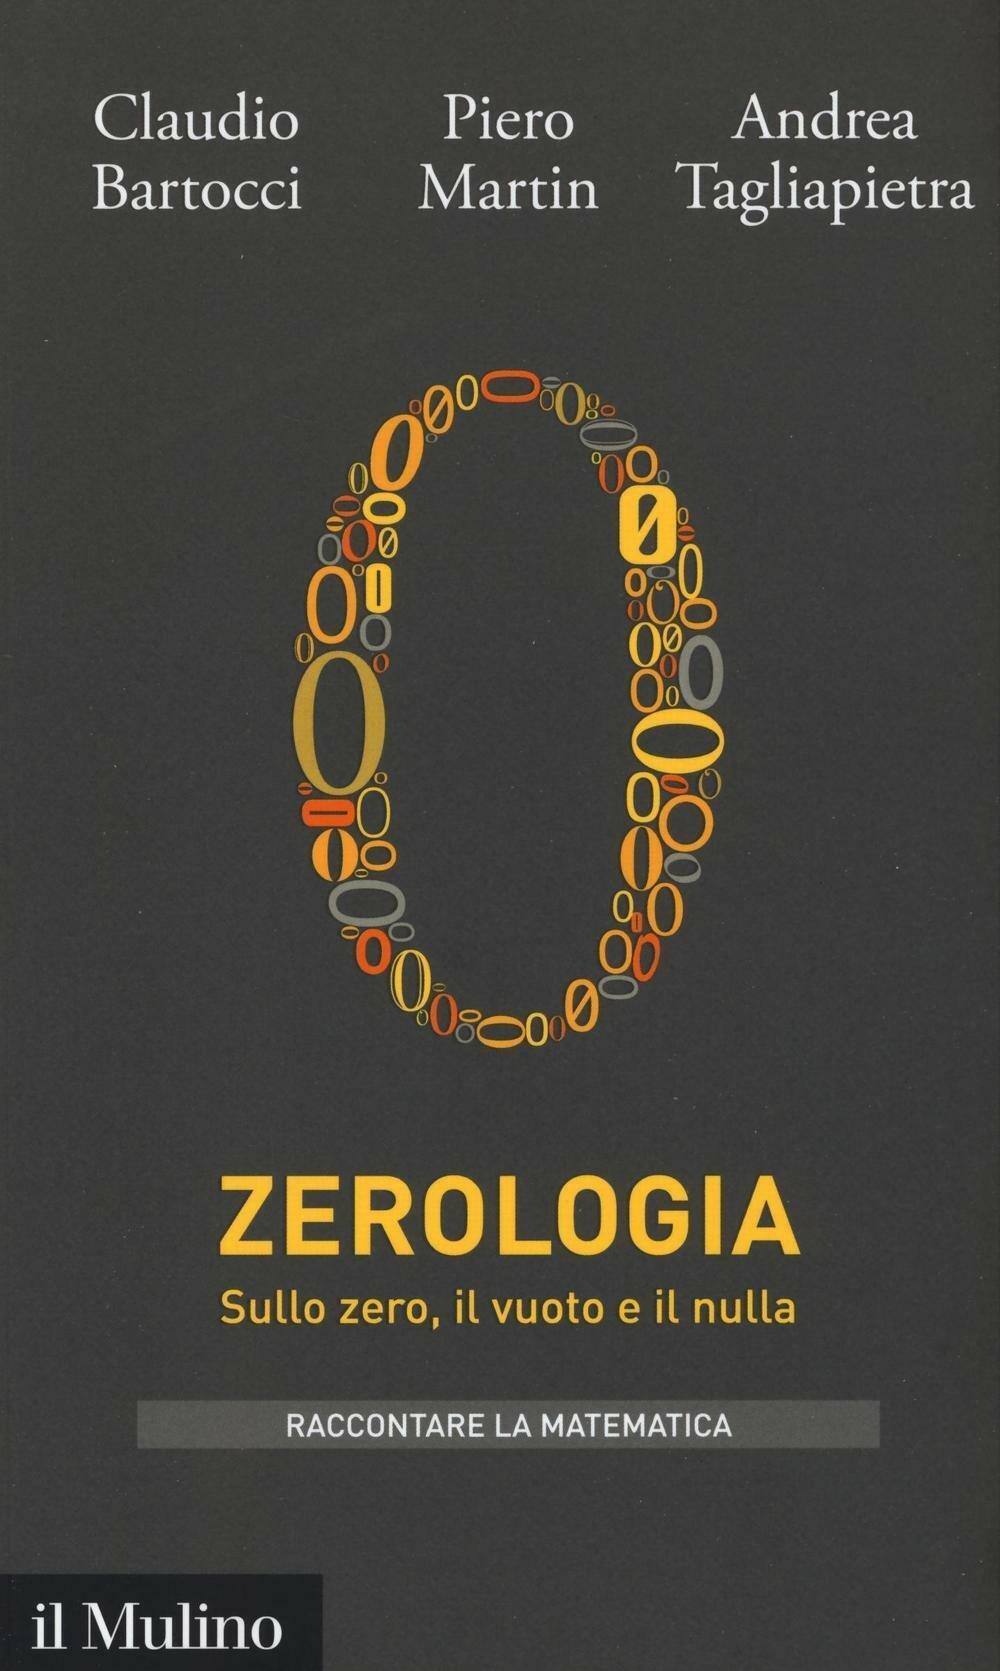 Sullo zero, il vuoto e il nulla